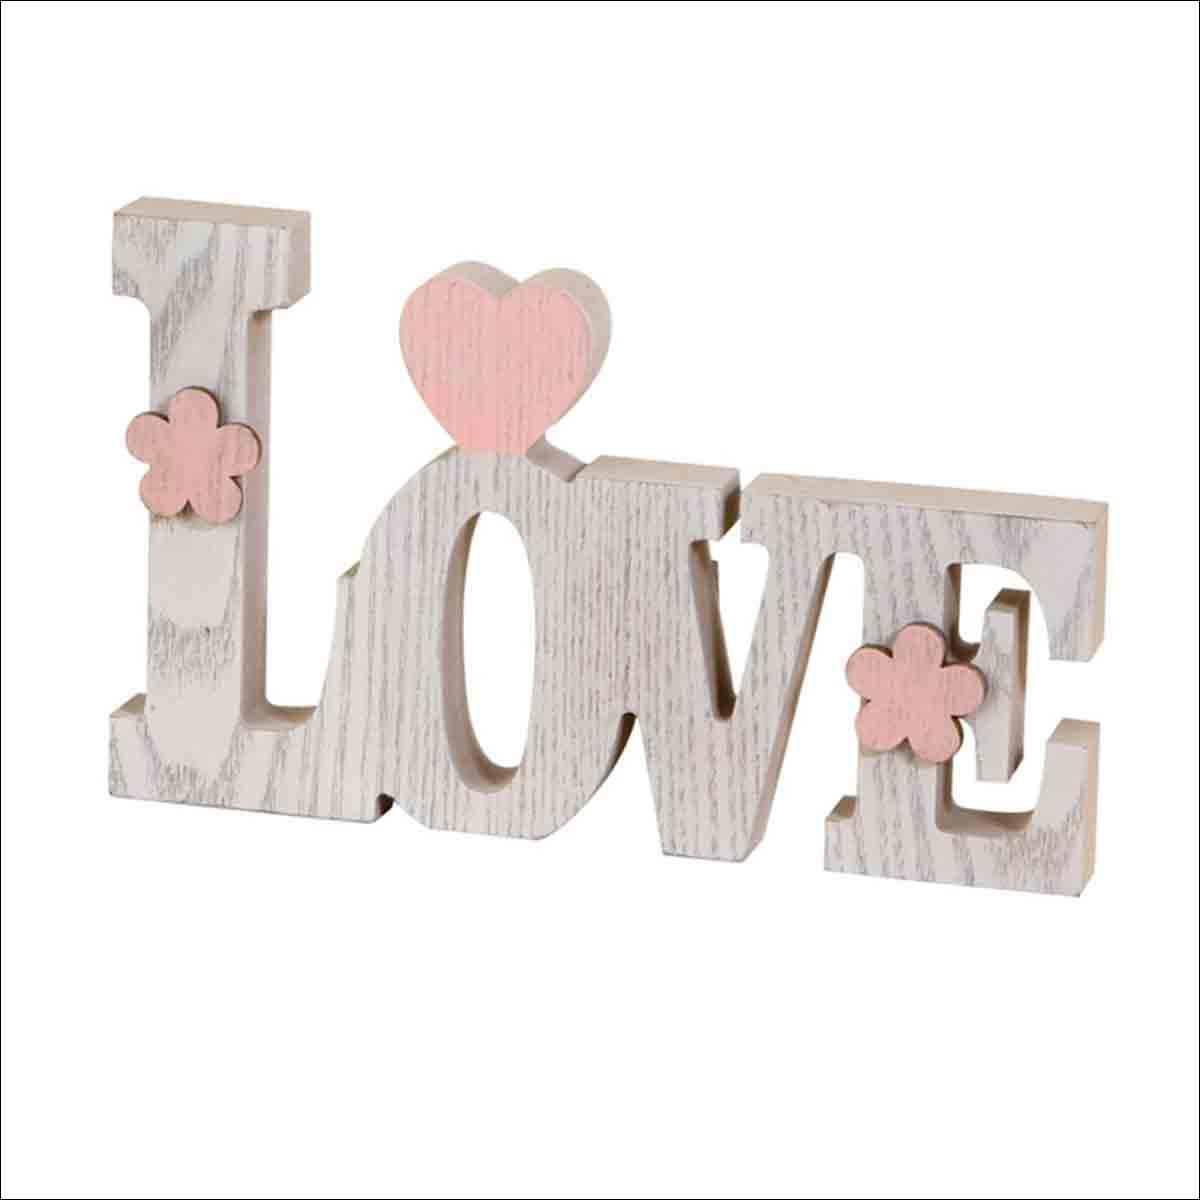 letras decorativas love de madera